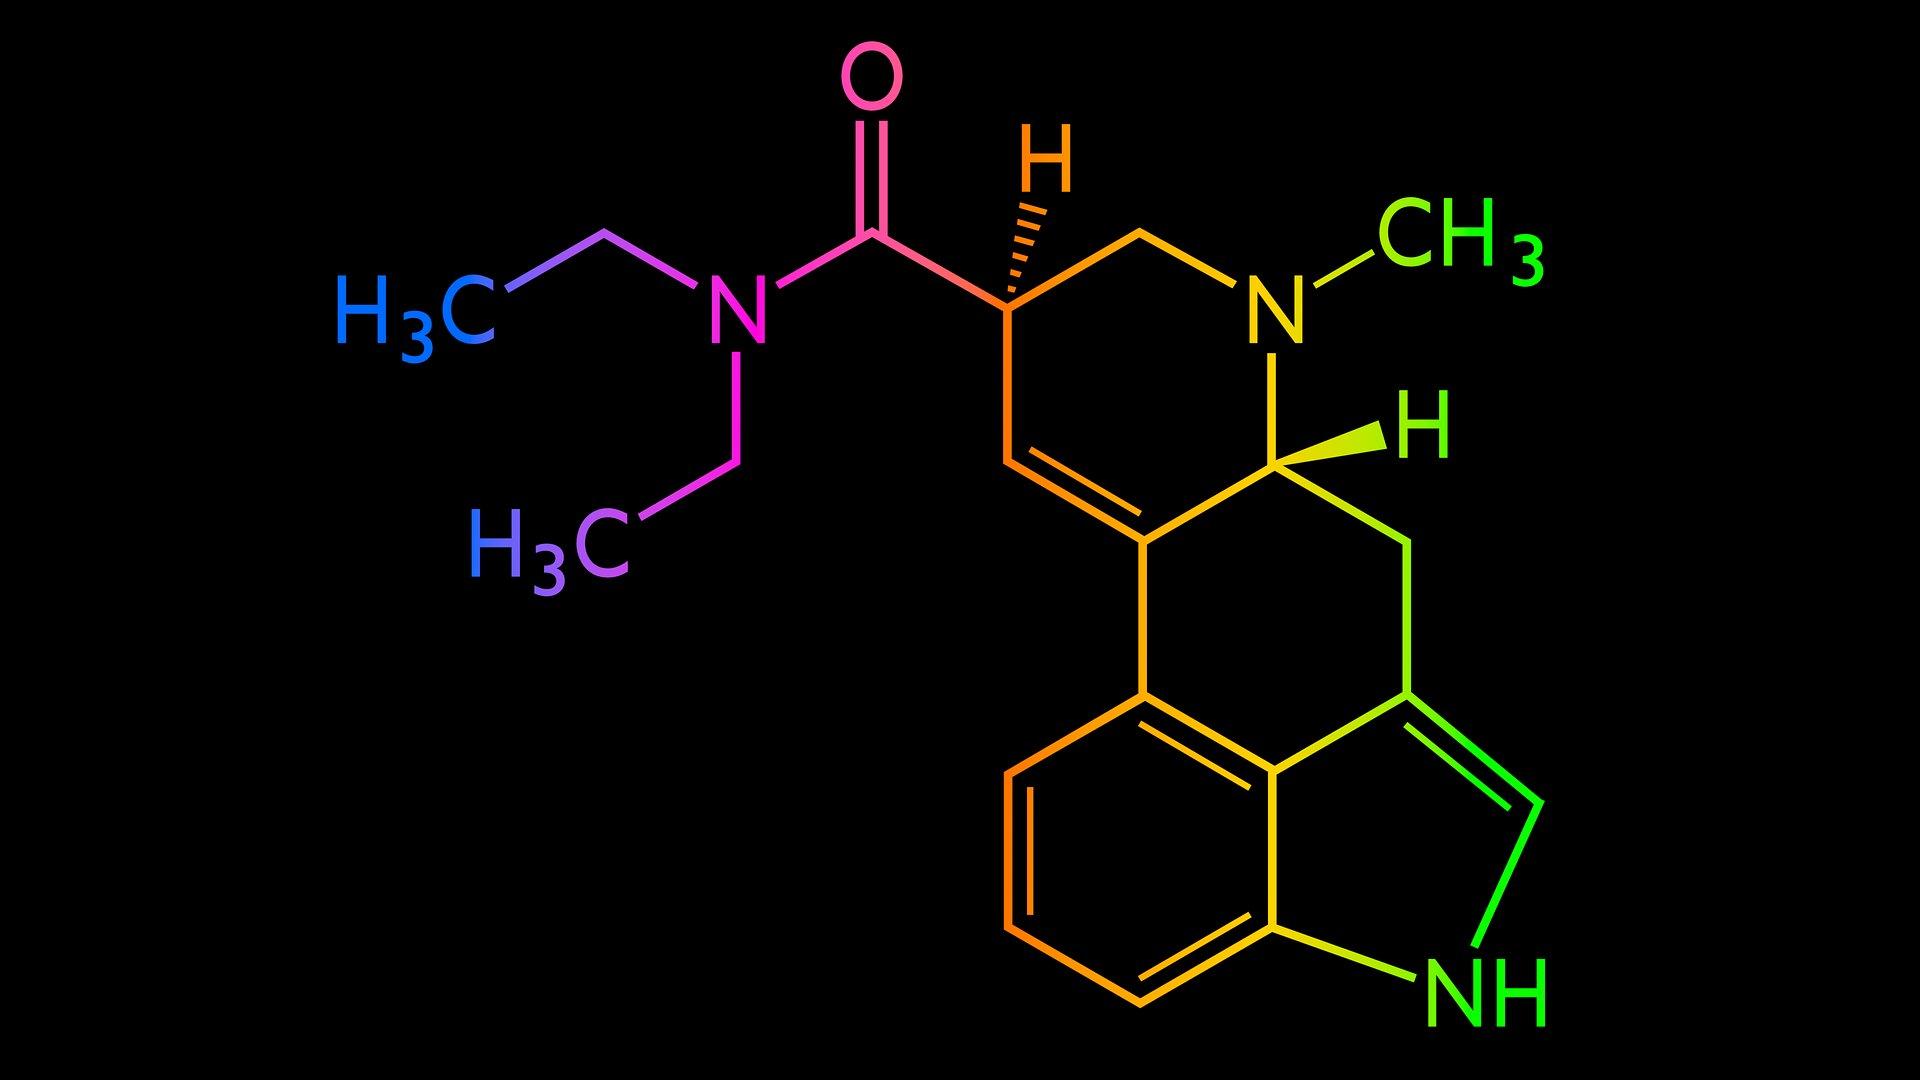 https://psychedelische-therapie-nederland.nl/wp-content/uploads/2019/09/LSD-molecuul.jpg